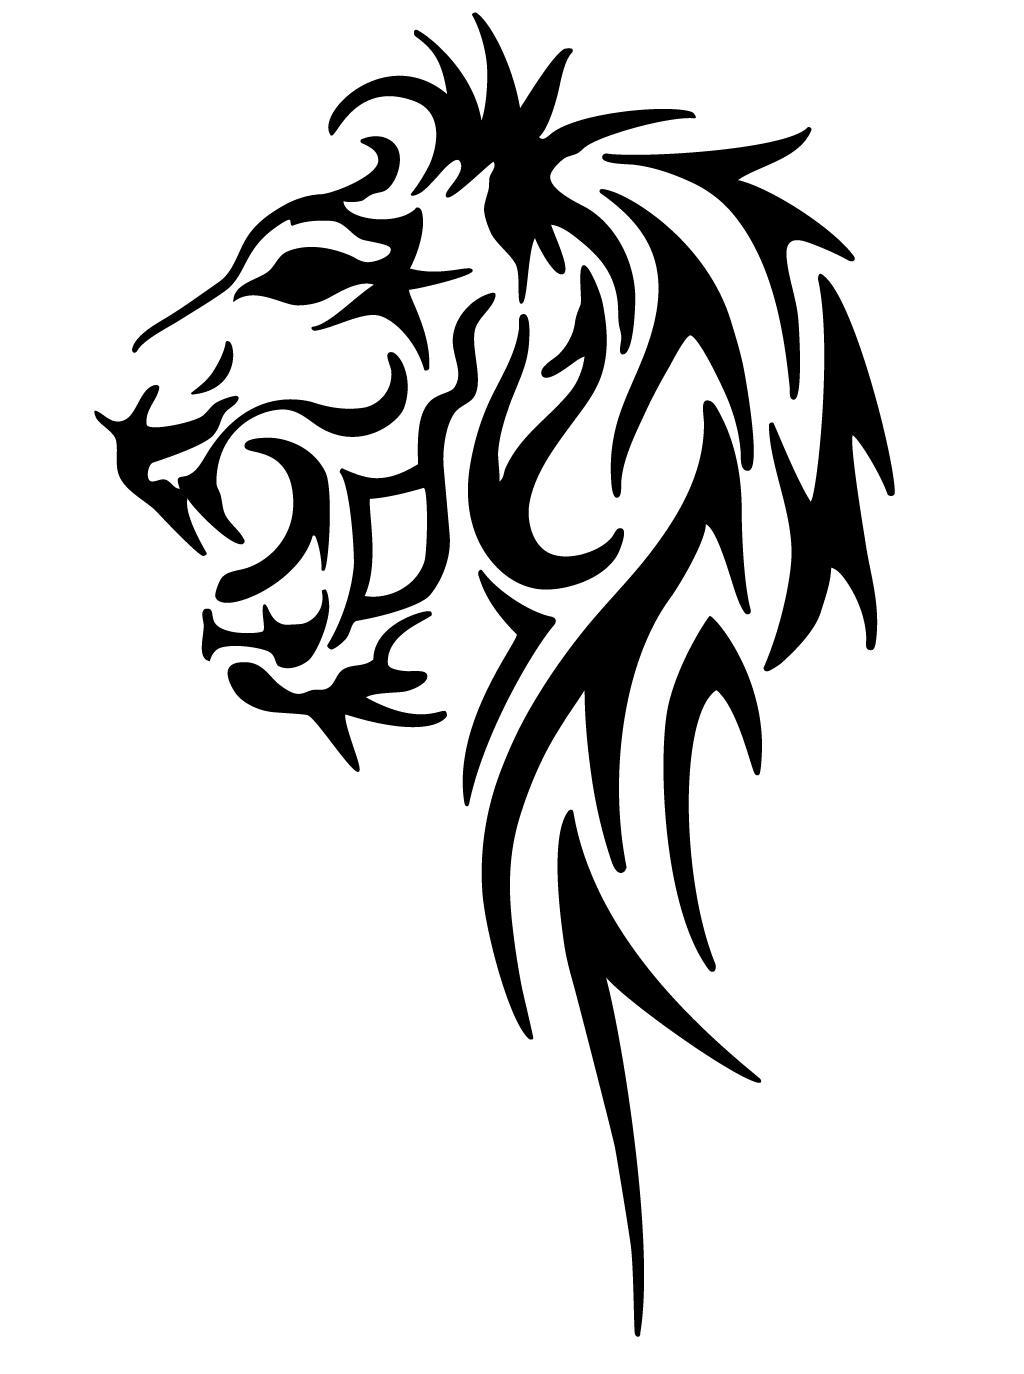 Lion Head Tribal Tattoo Designs